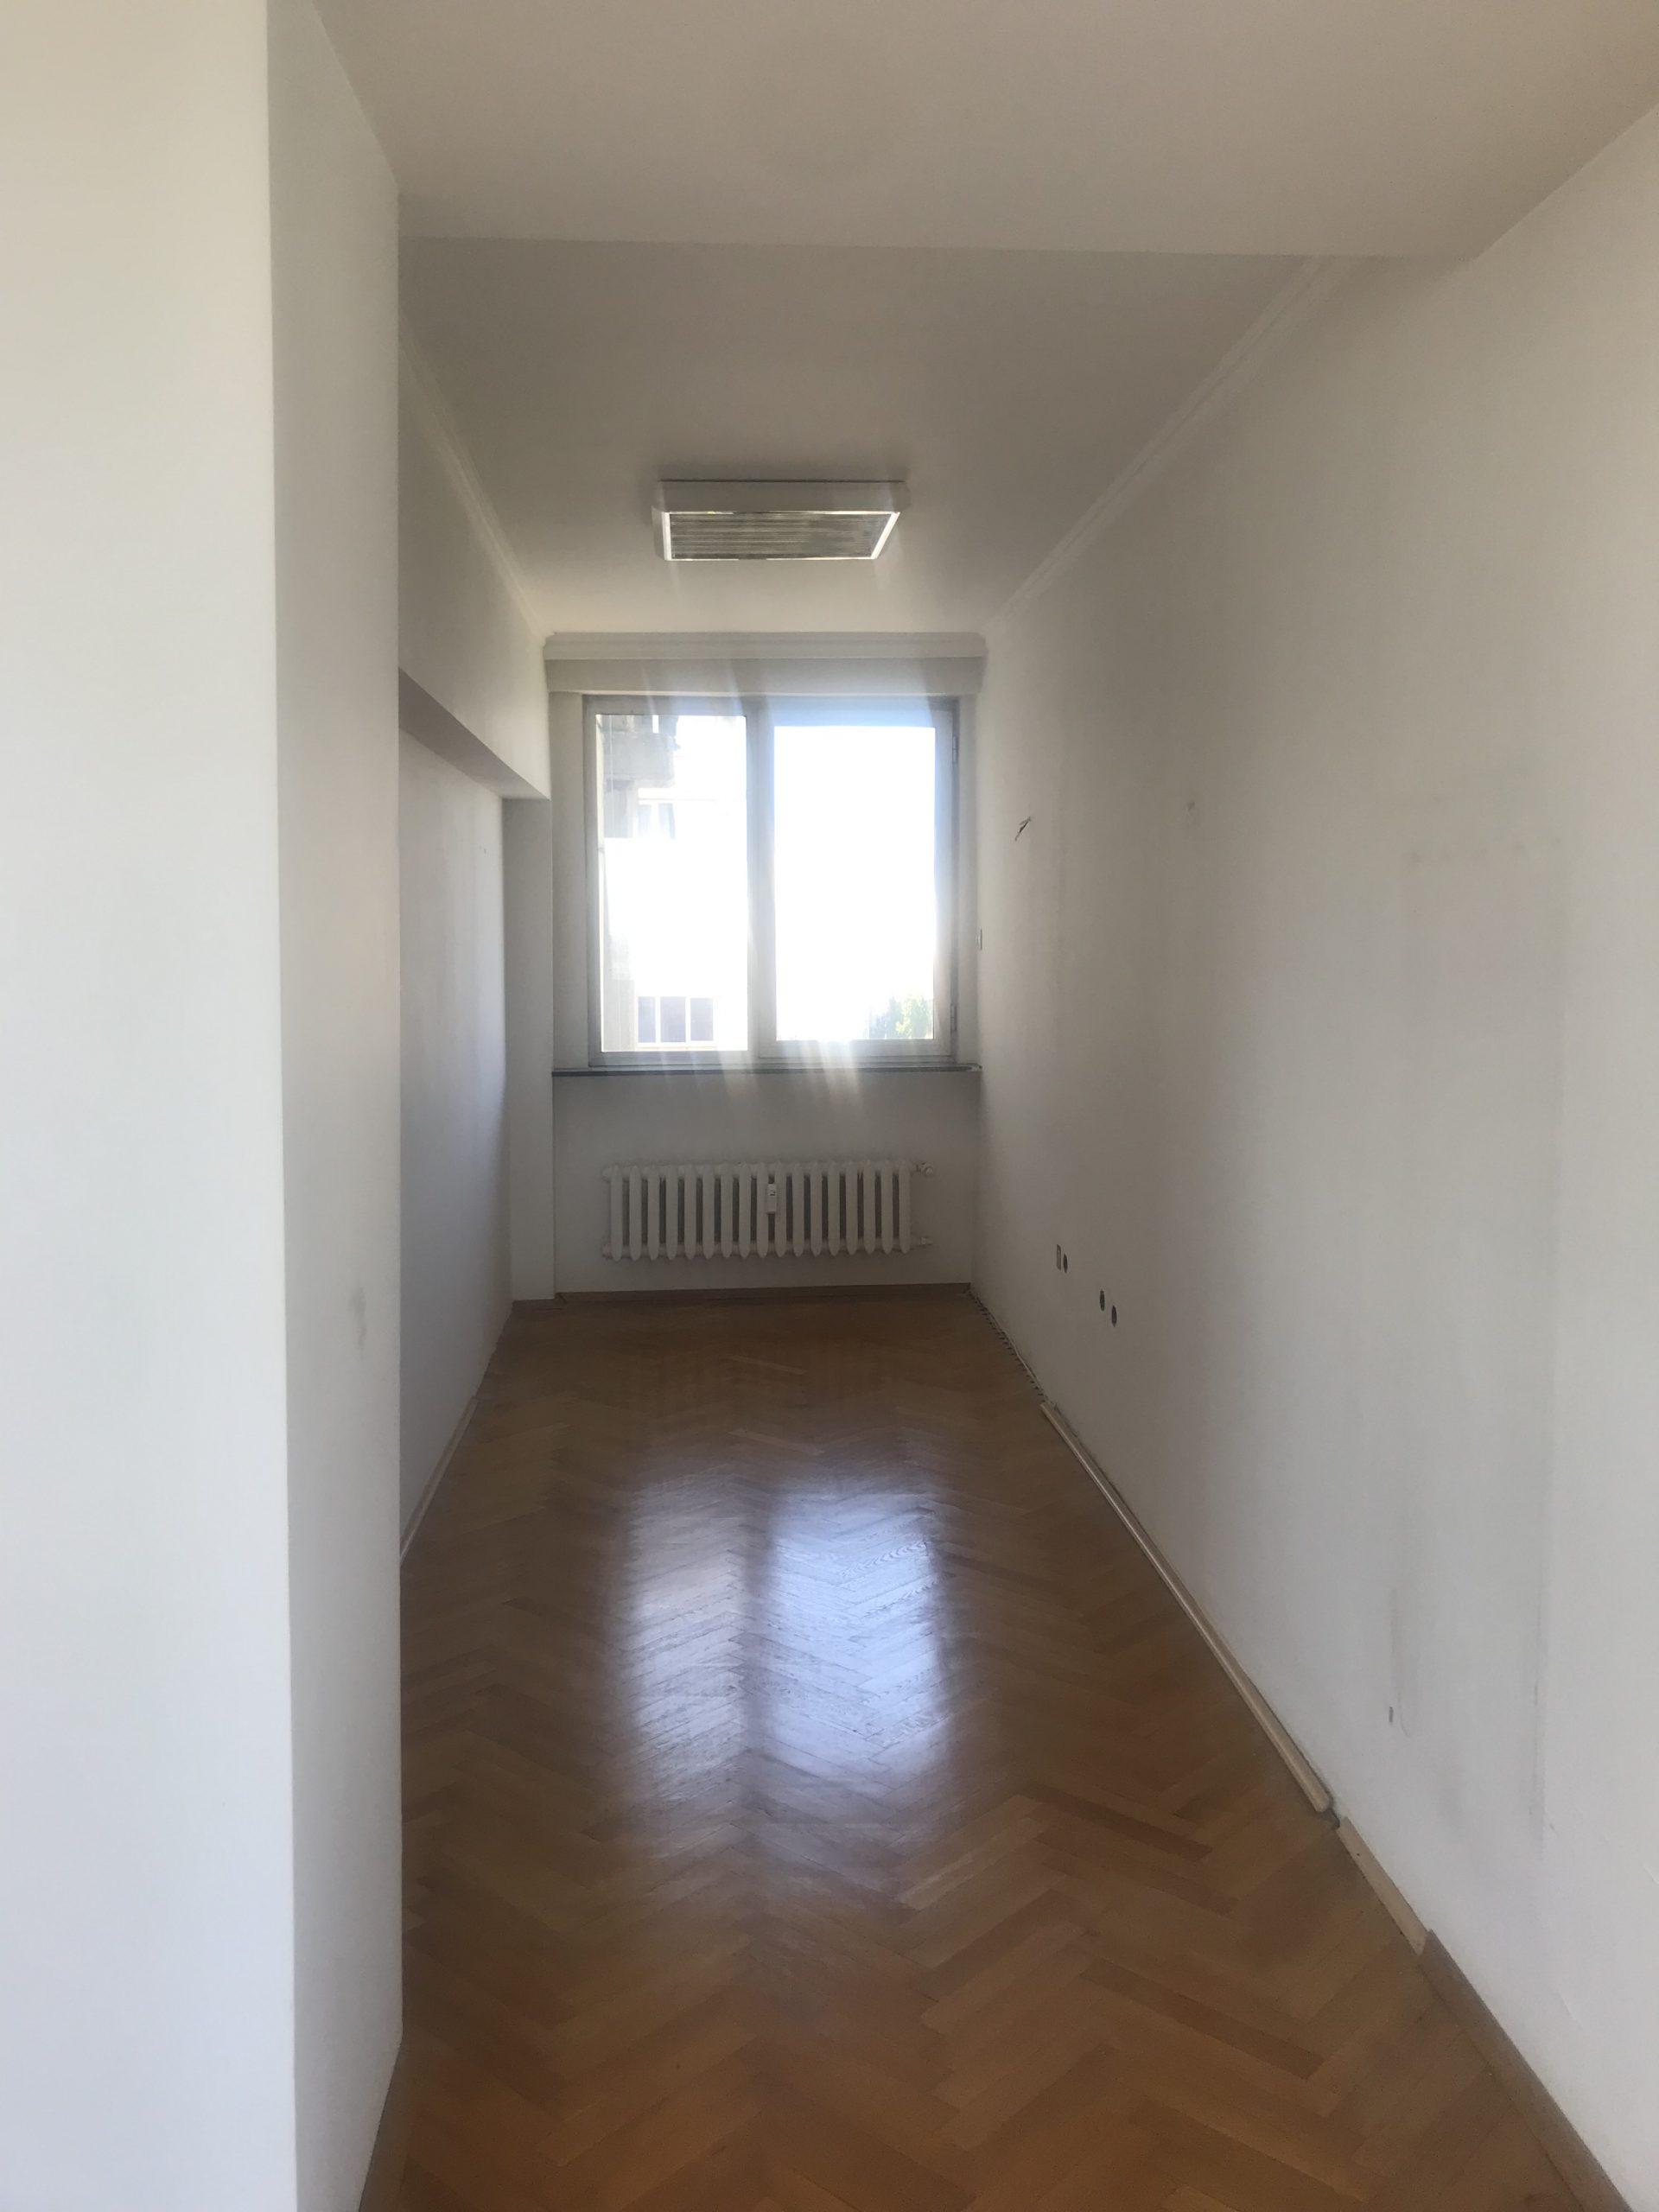 Четиристаен апартамент под наем в кв. Изток, гр. София